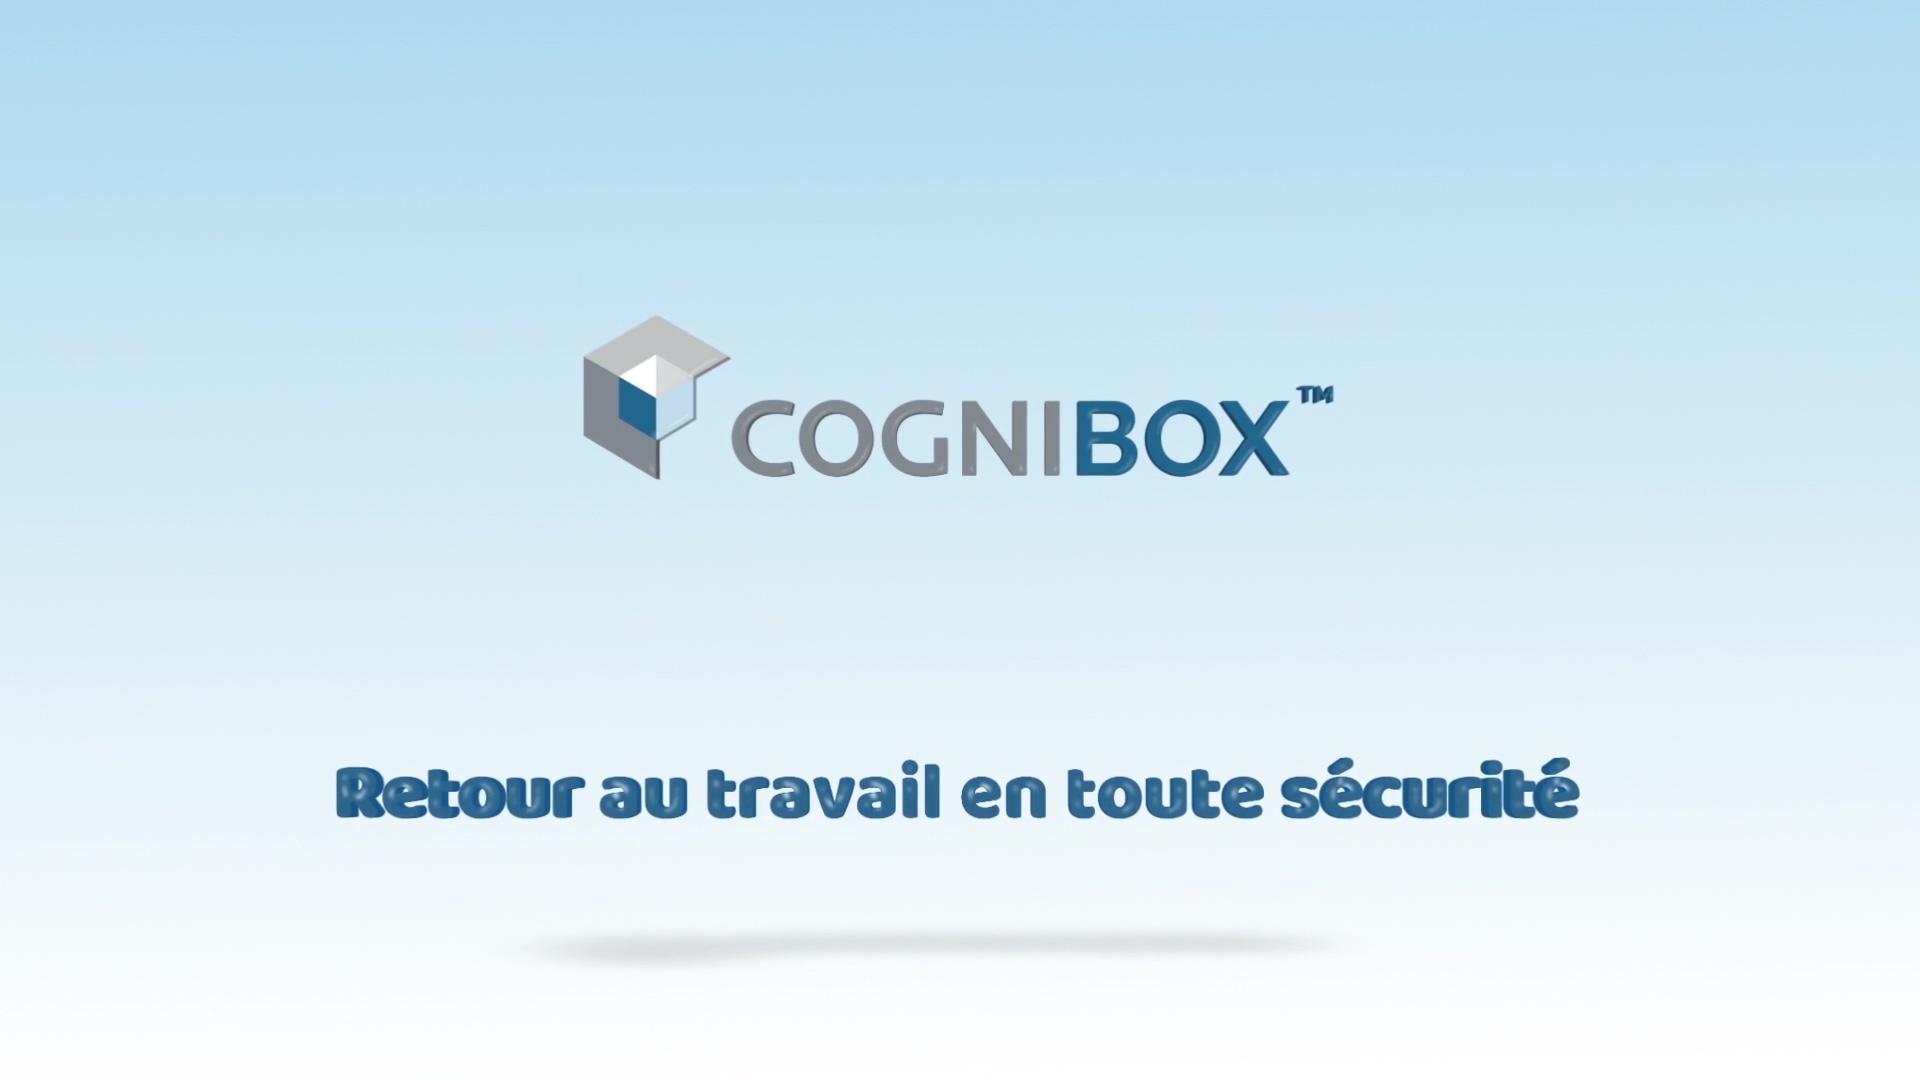 Cognibox annonce des outils de retour au travail pour aider les entreprises à réduire le risque de propagation de la COVID-19